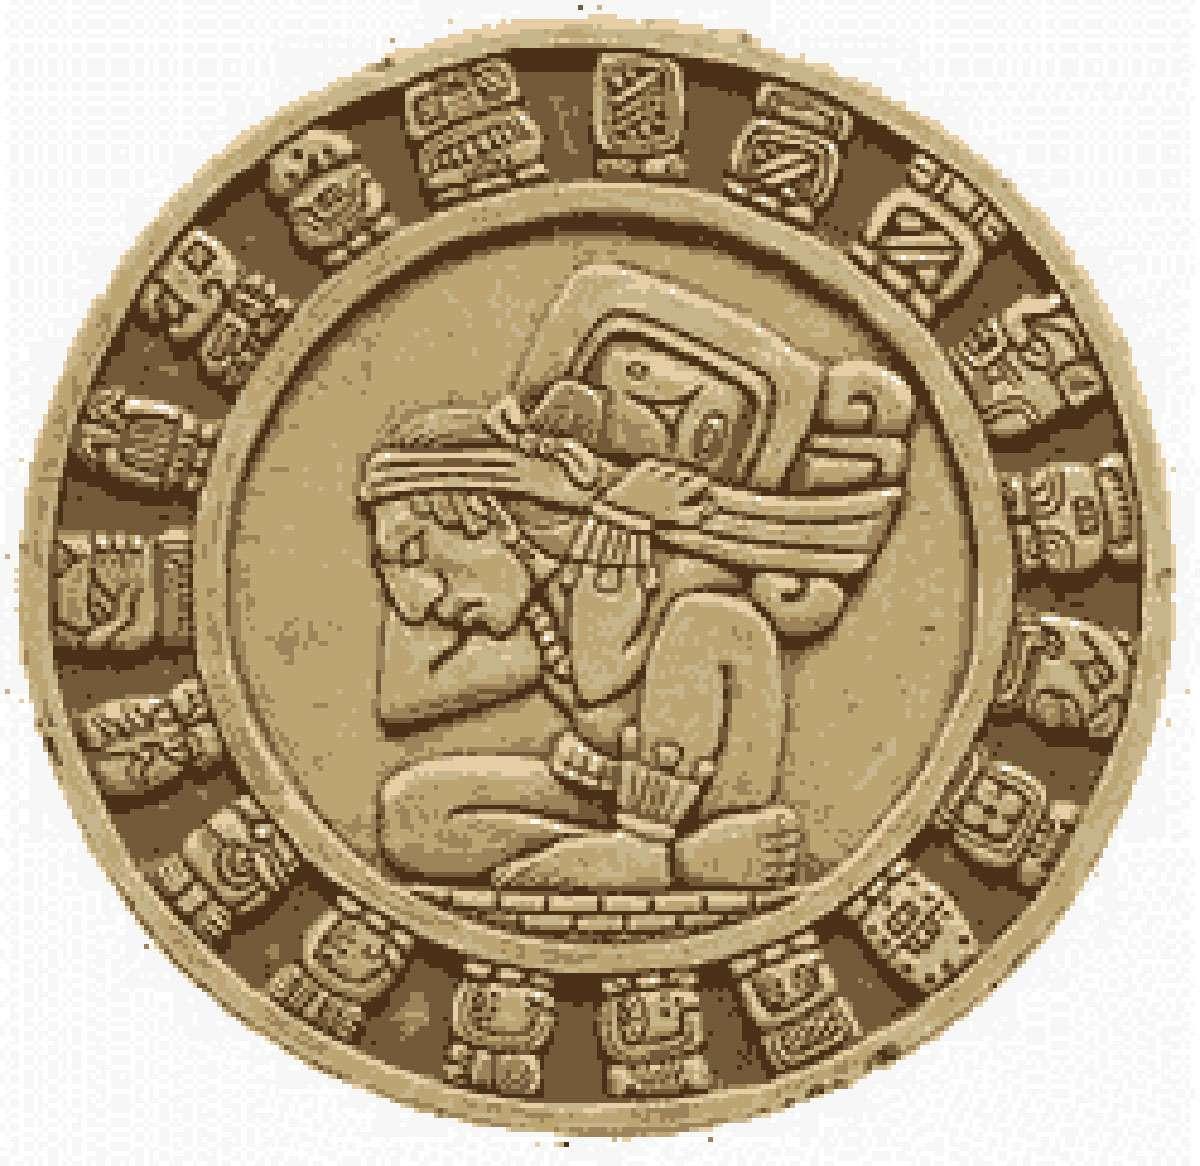 Maya calendar, Photo: Jose Santos Tamay